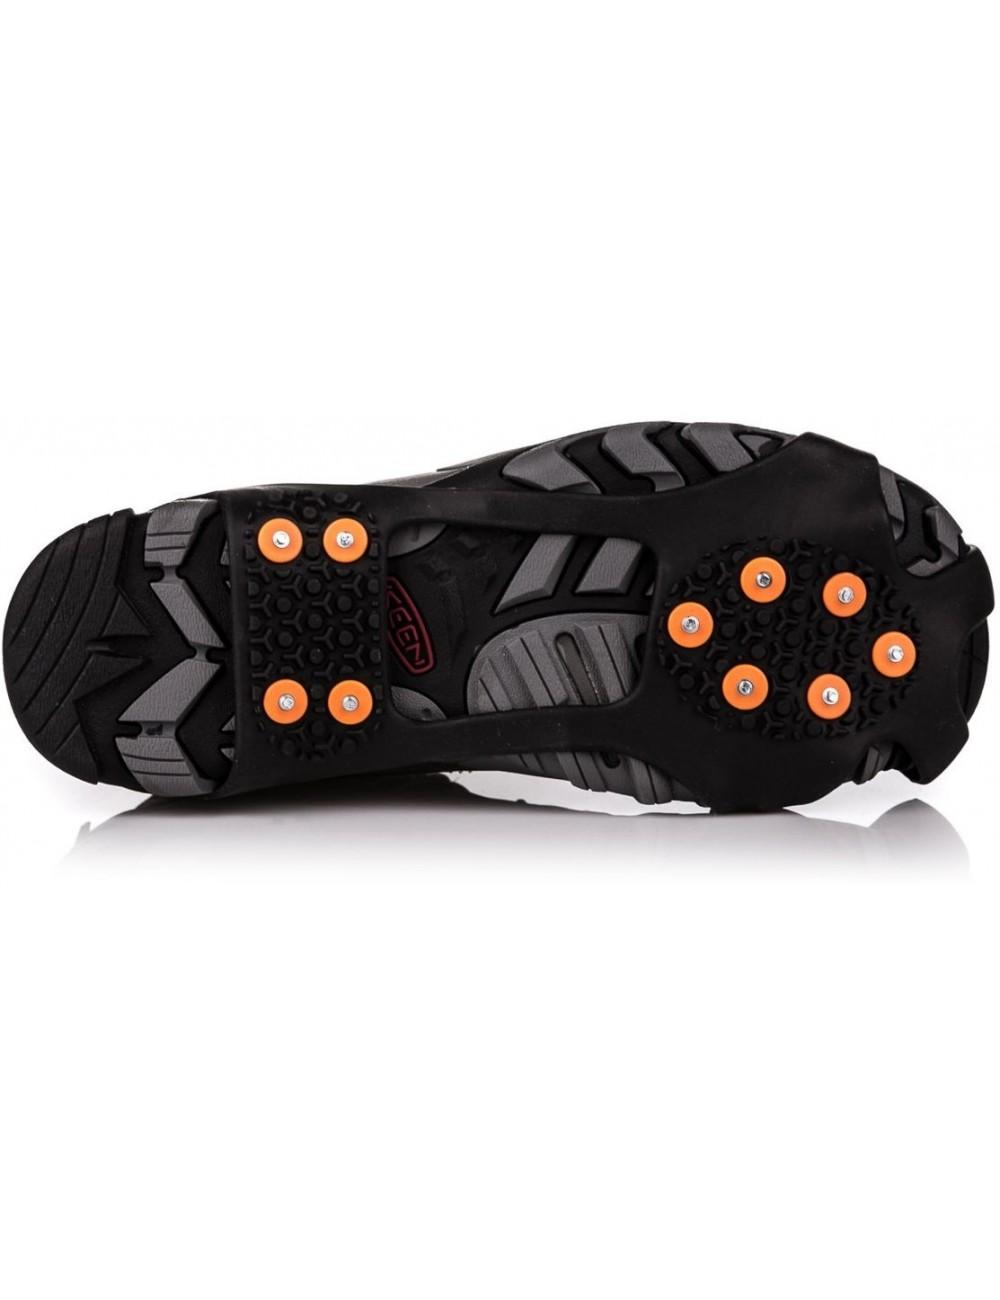 Raczki do butów City Track